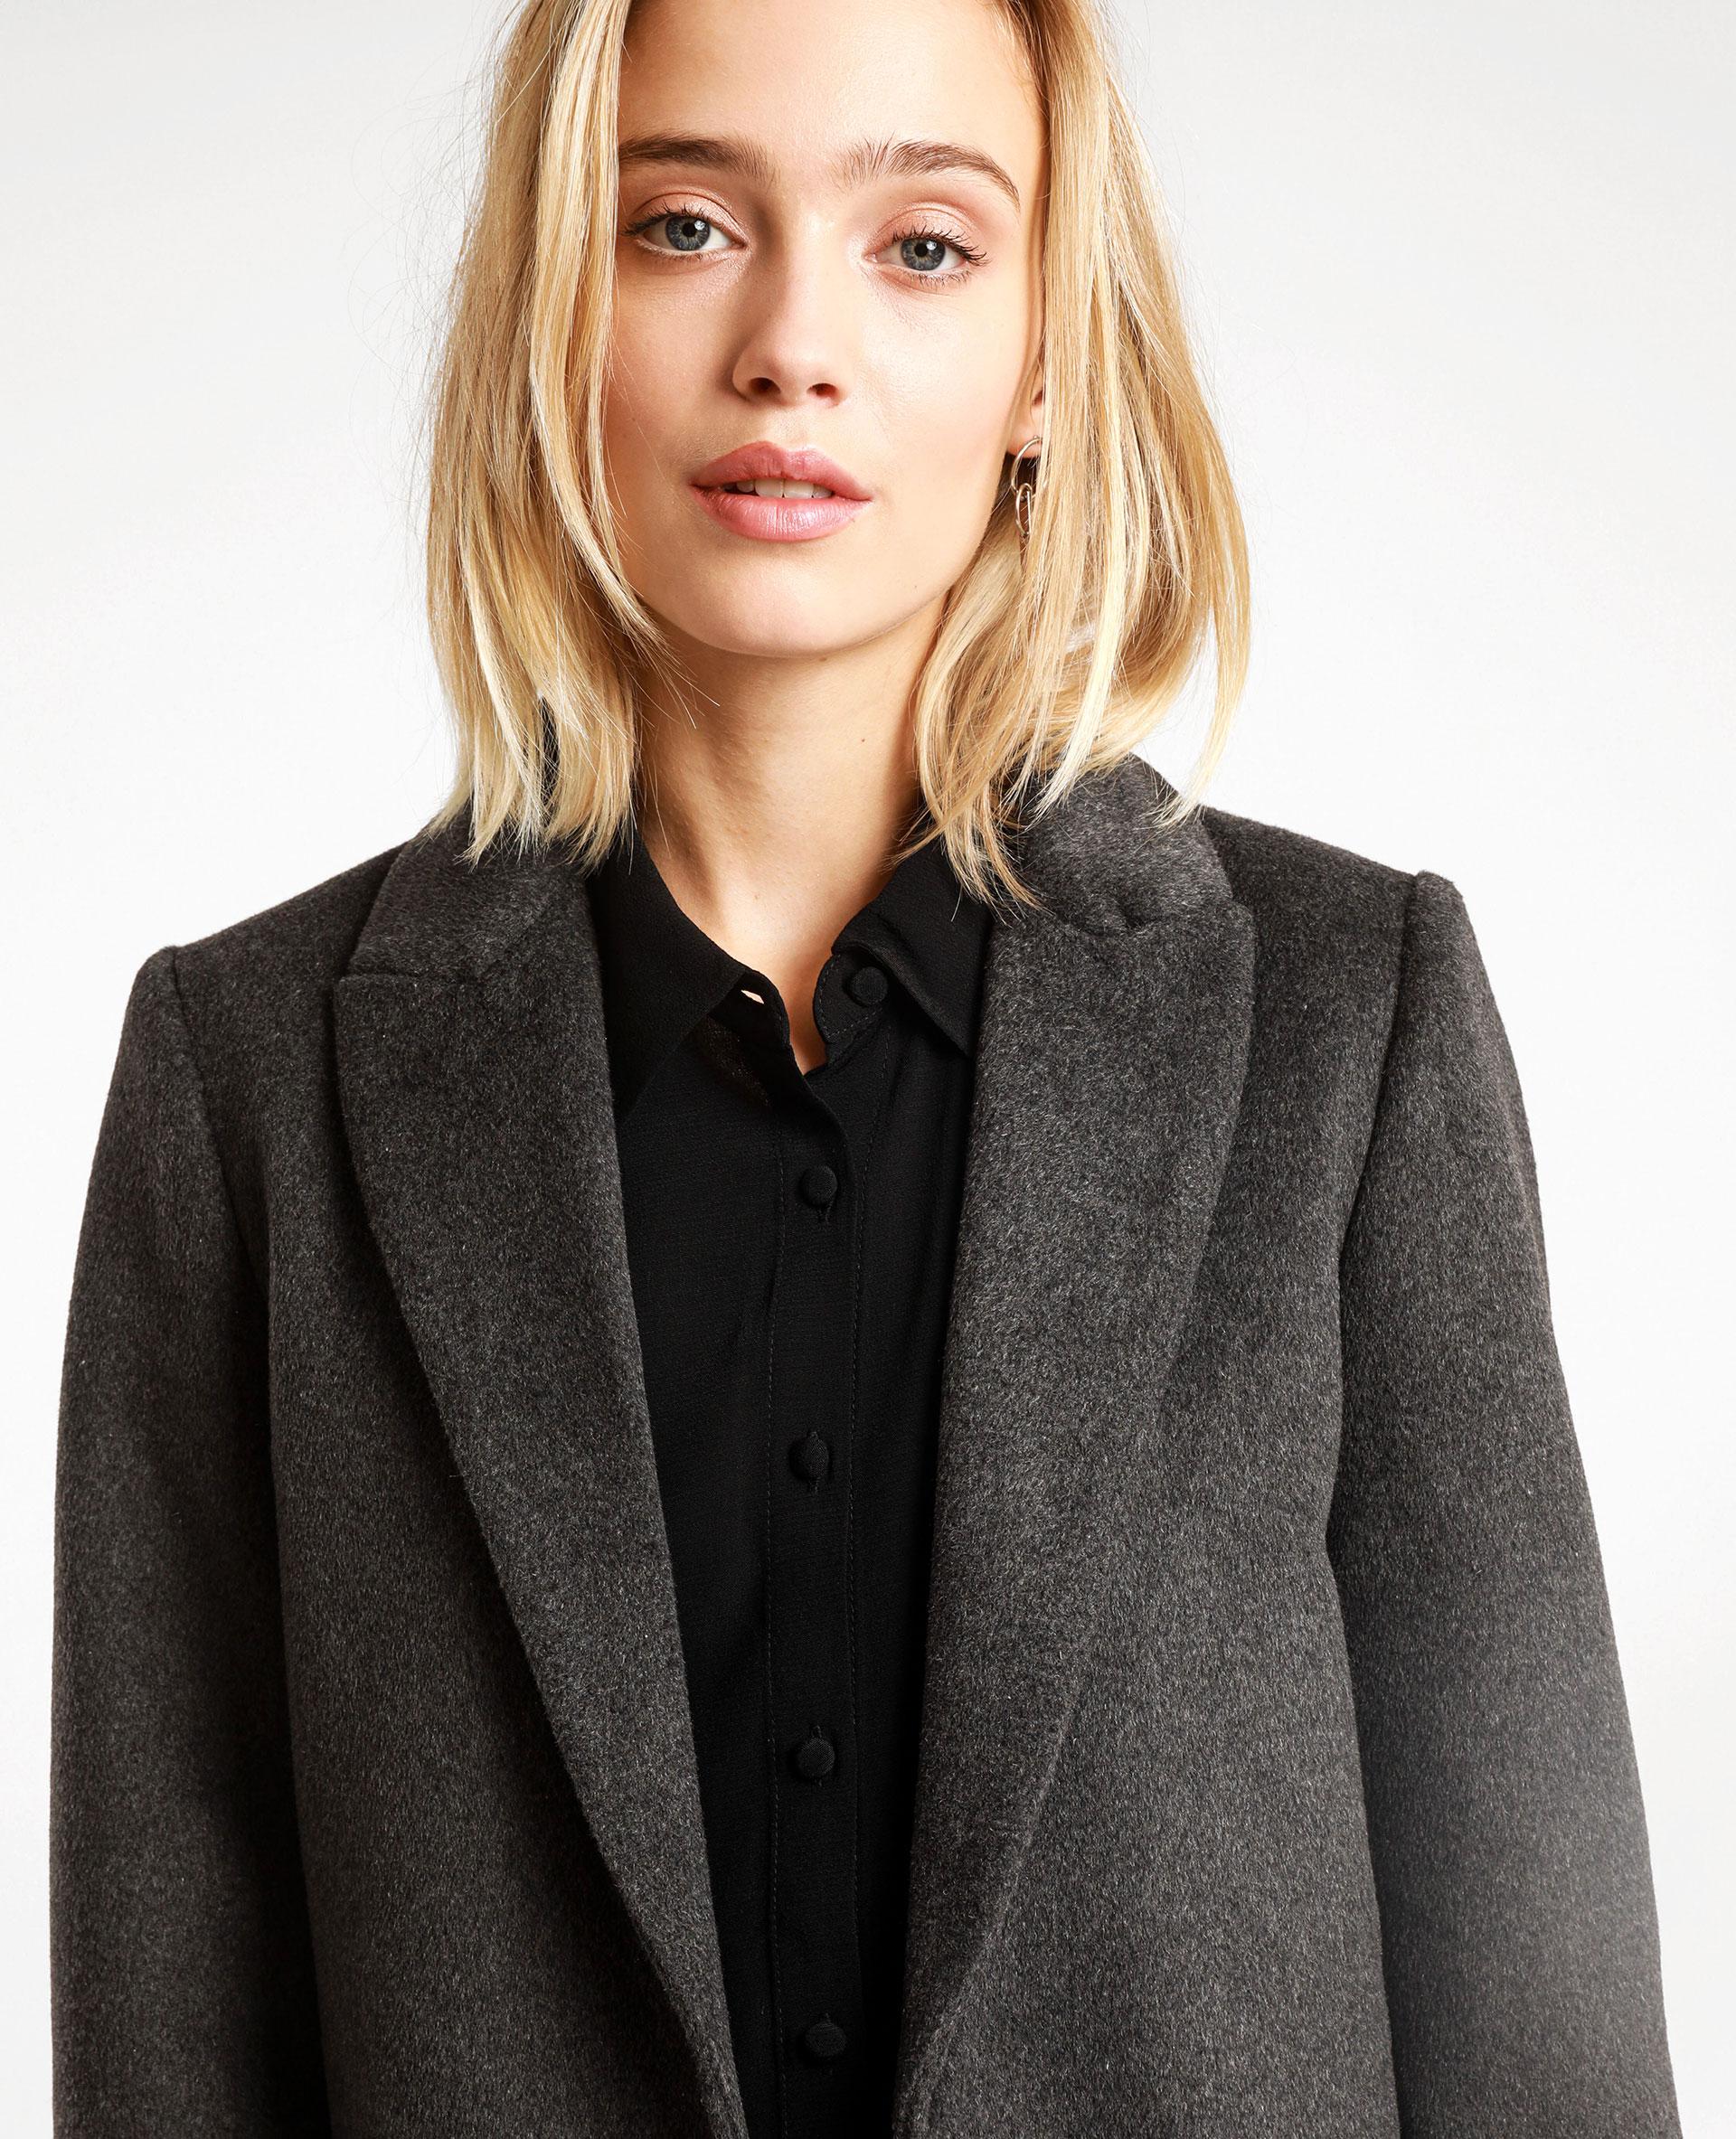 Manteau drap de laine droit gris anthracite 280237824A08